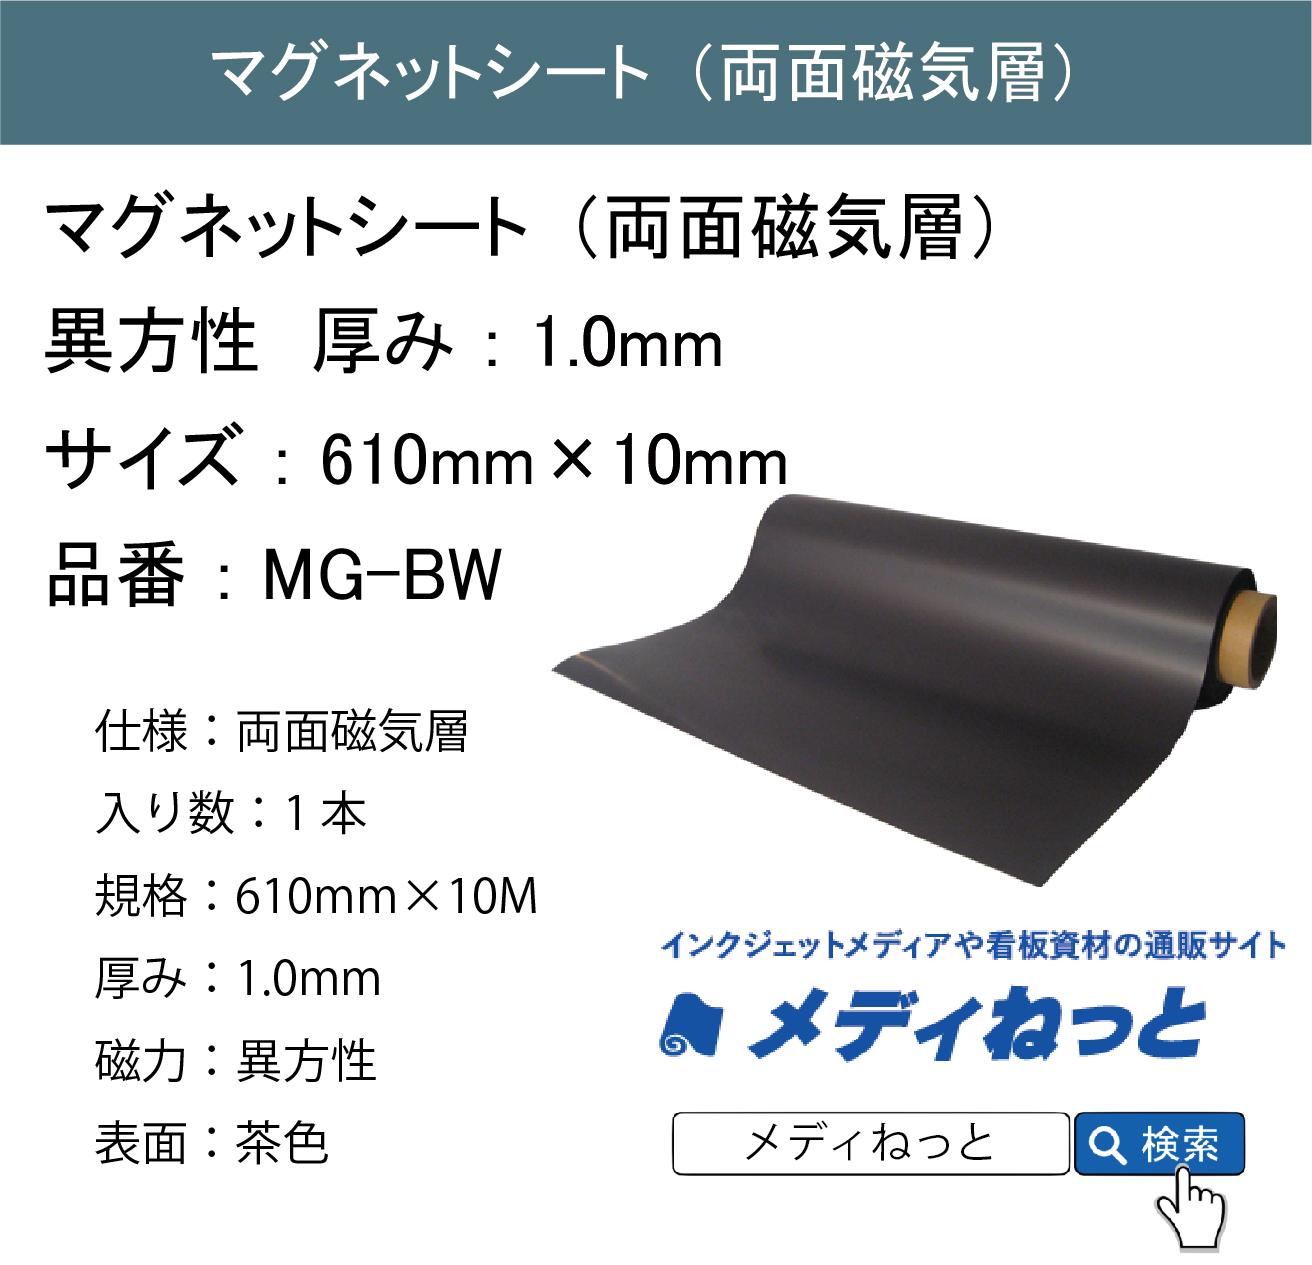 異方性マグネットシート ※両面磁気層(MG-BW) 厚み:1.0mm/サイズ:610mm×10mm